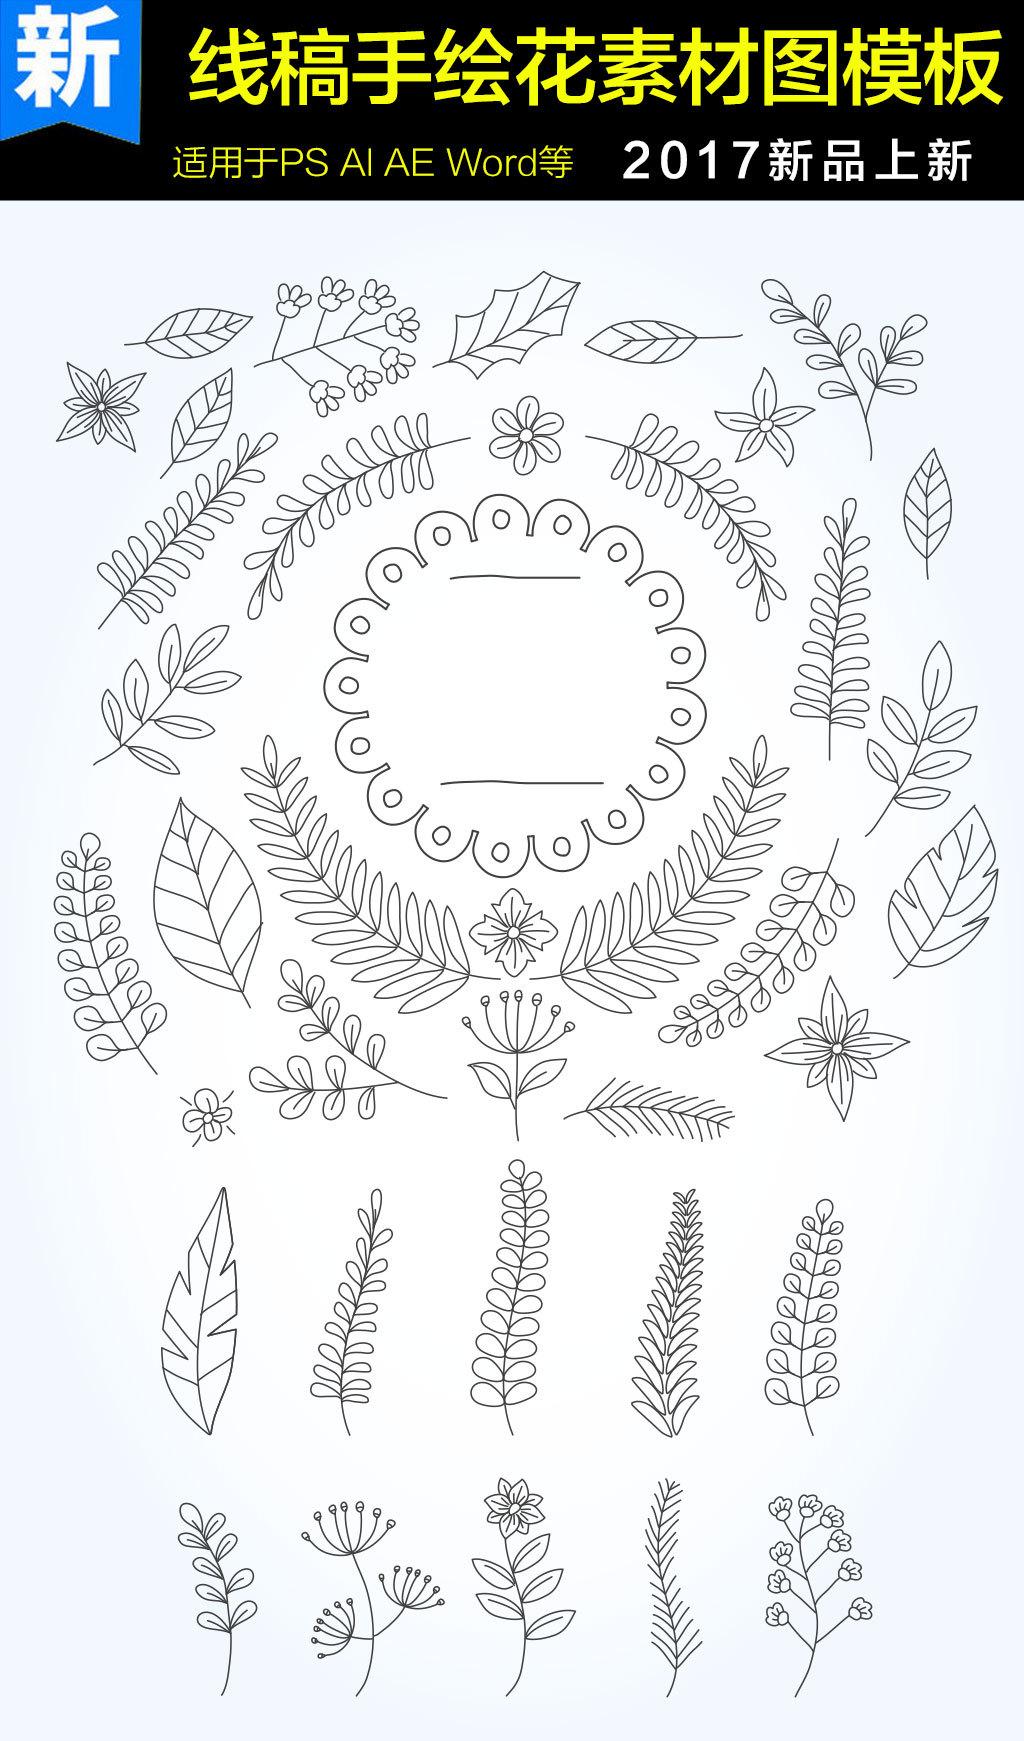 手绘线稿叶子花素材模板